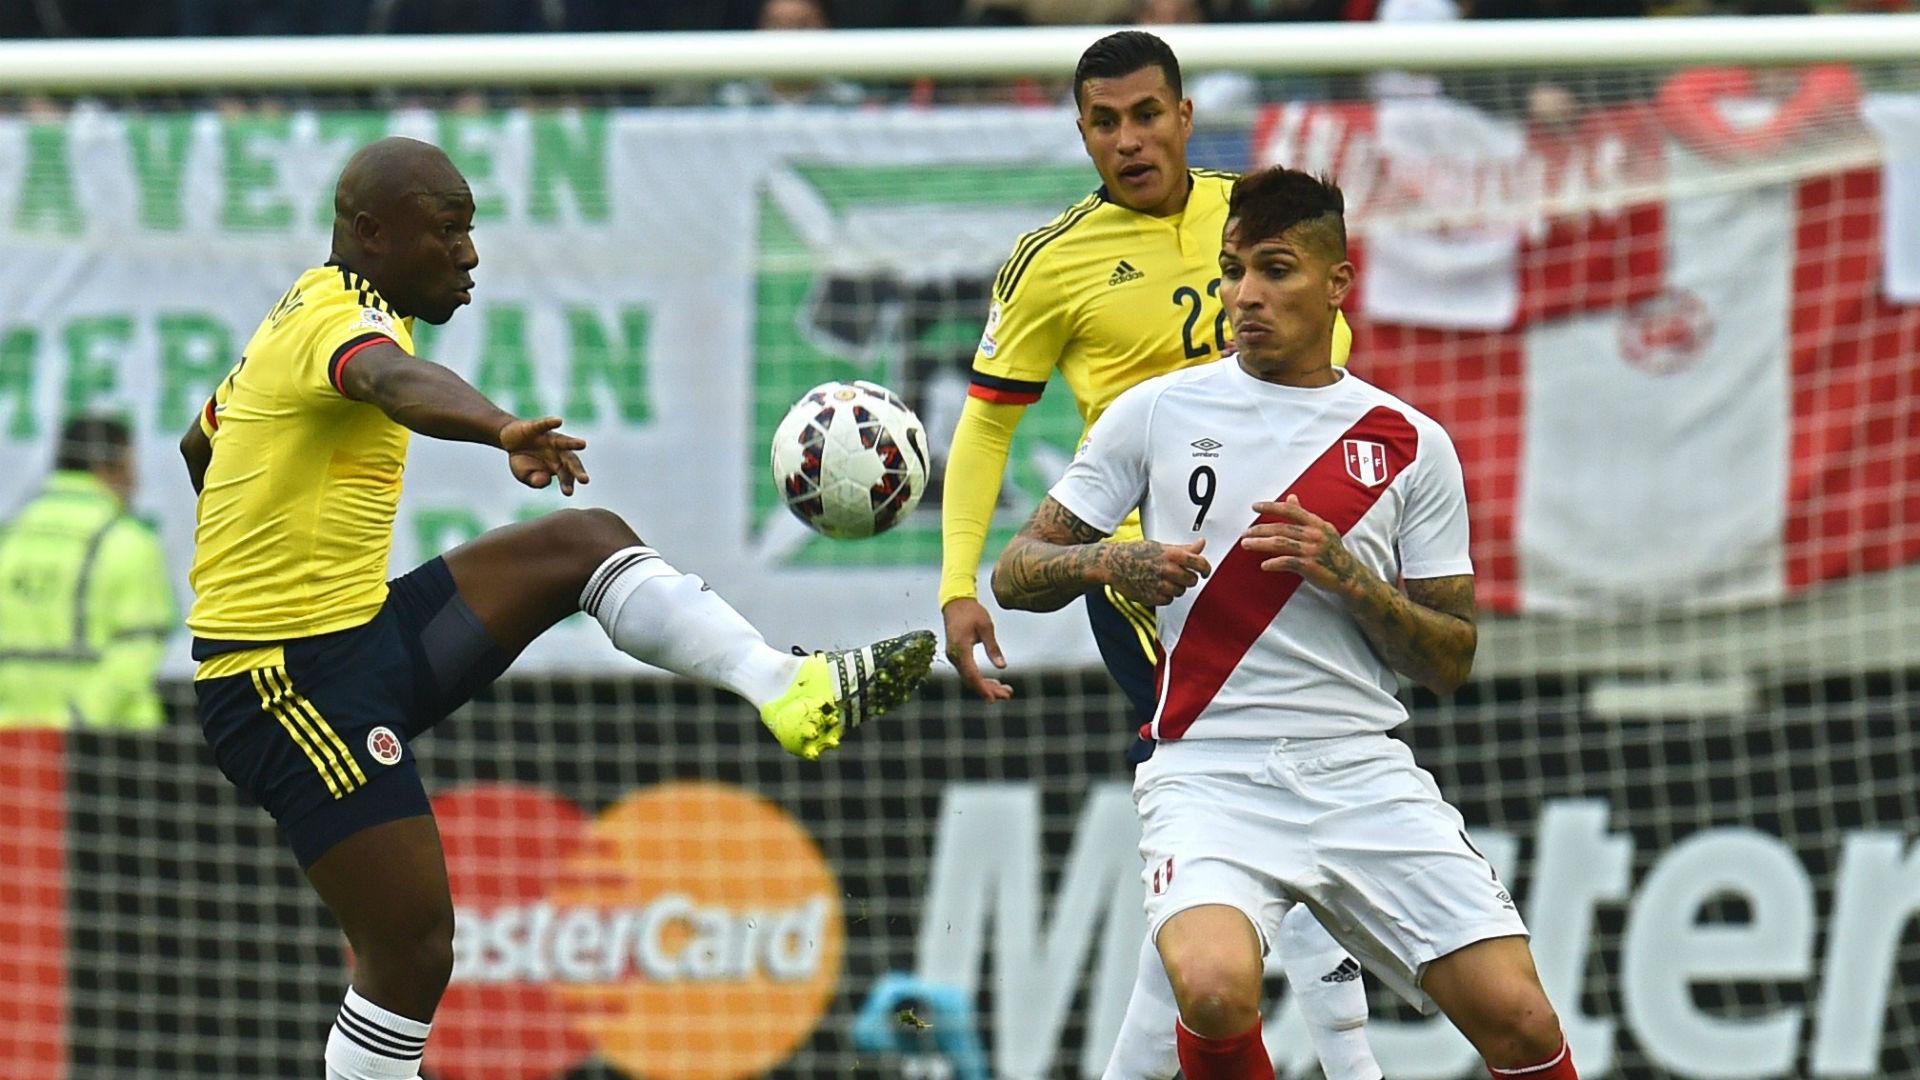 Pablo Armero Colombia vs Perú Copa América